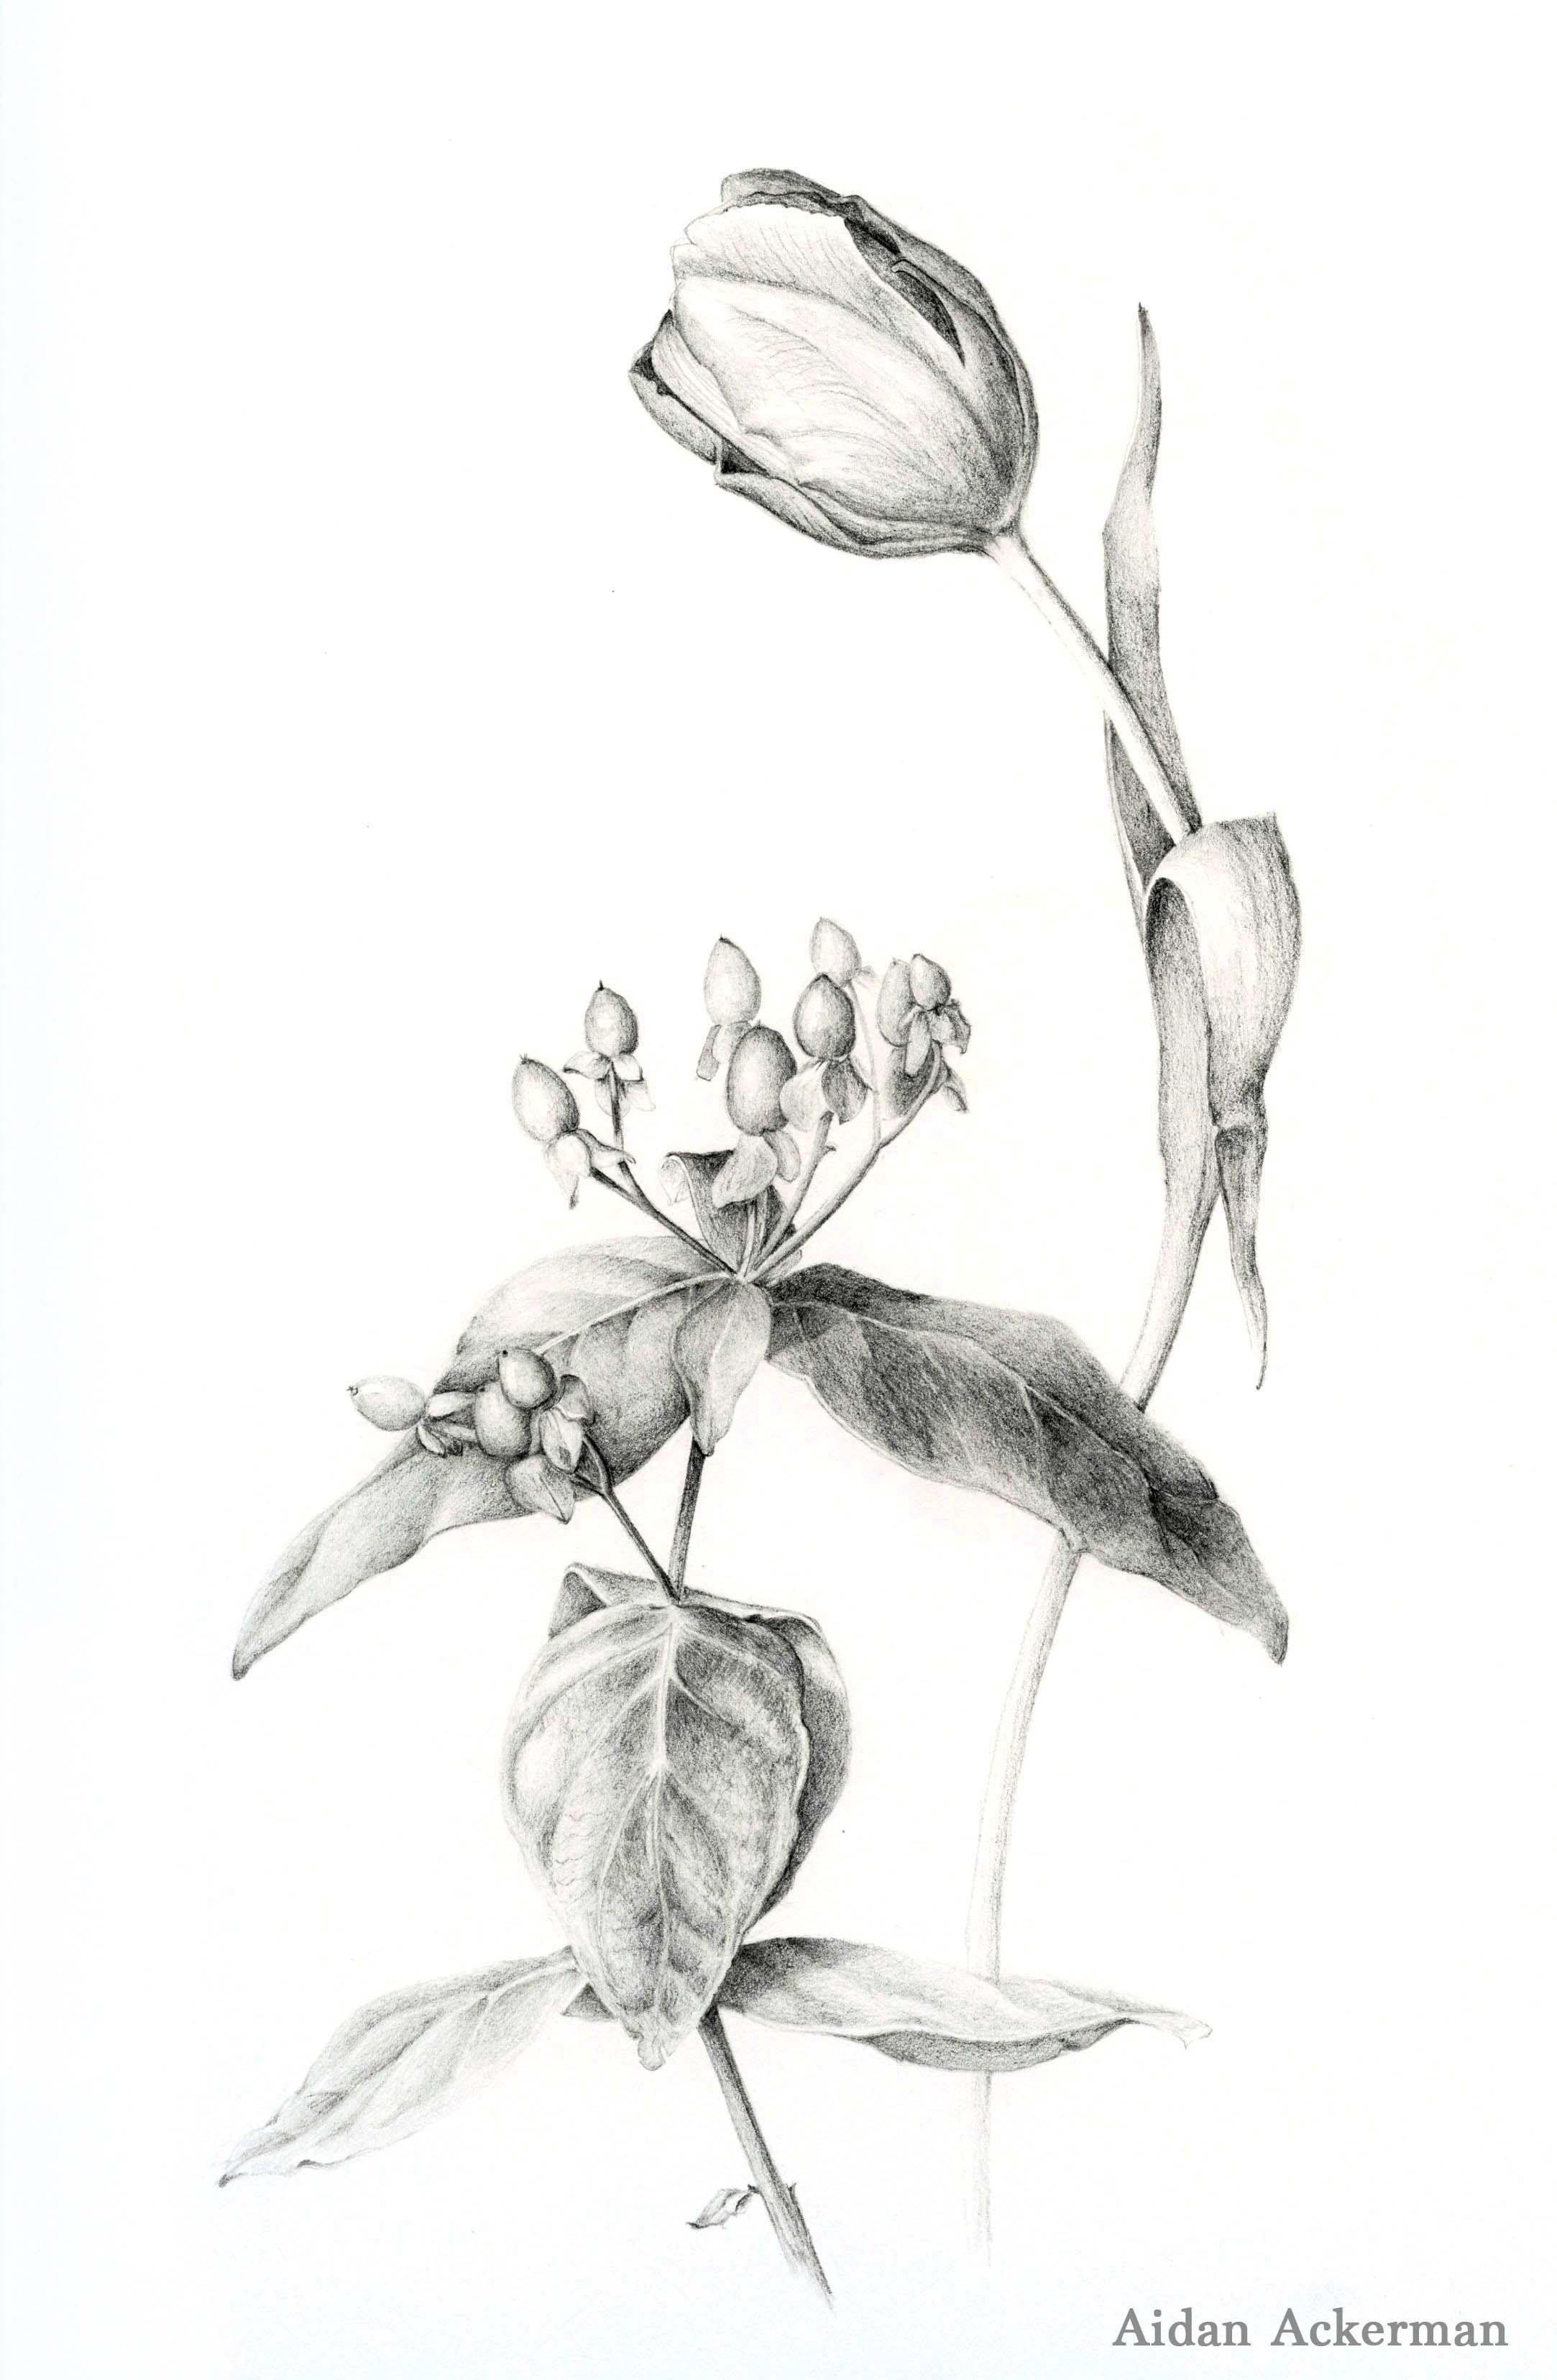 Drawing by Aidan Ackerman